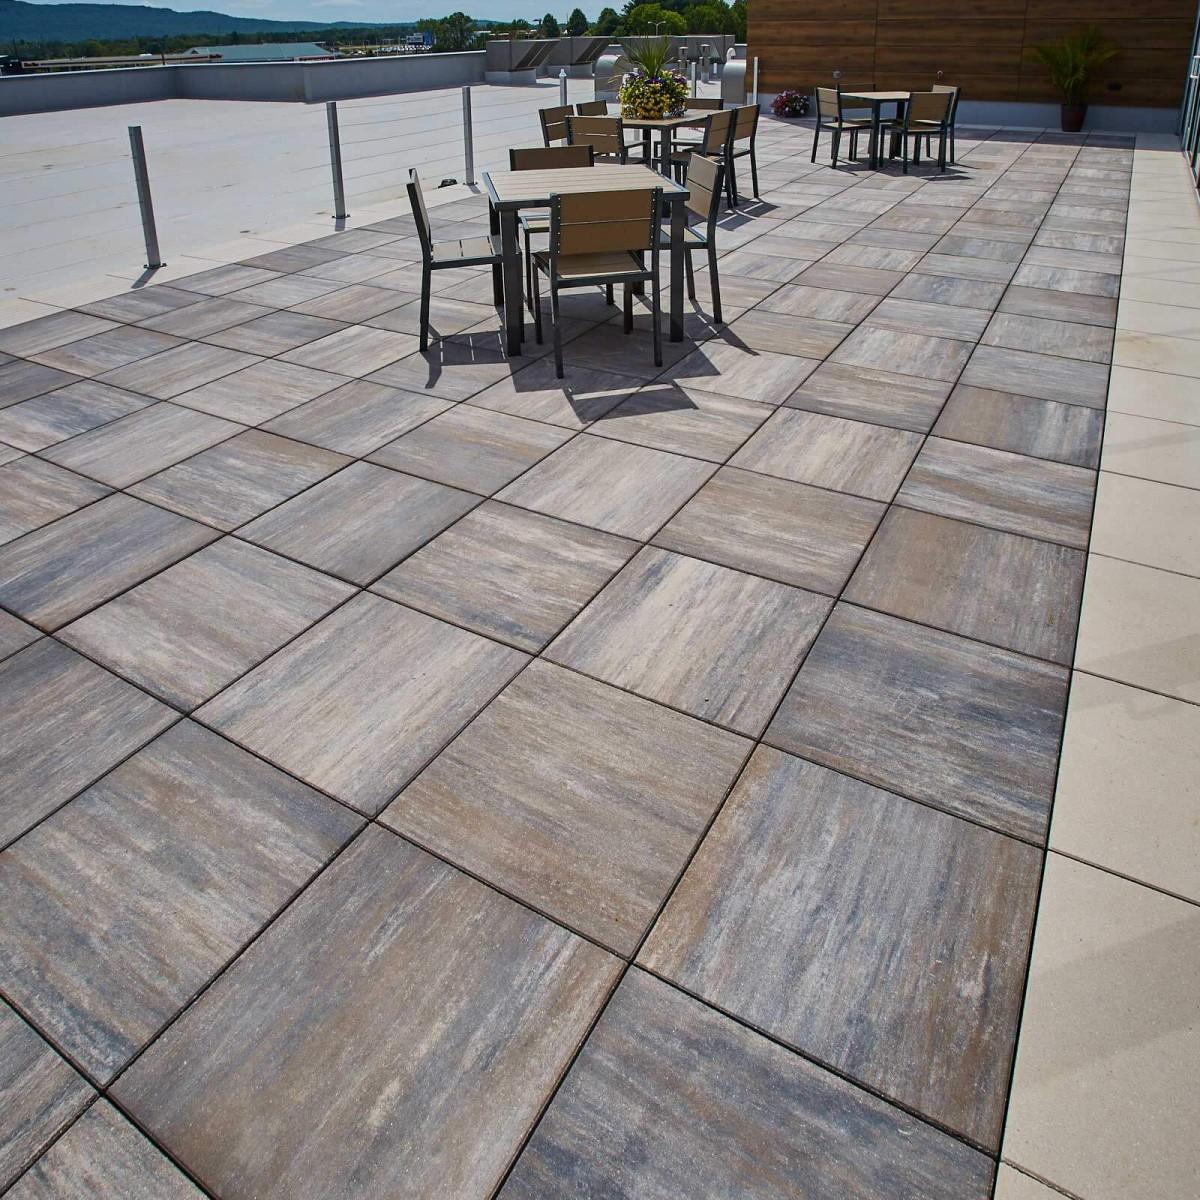 Skylands™ Concrete Deck Pavers